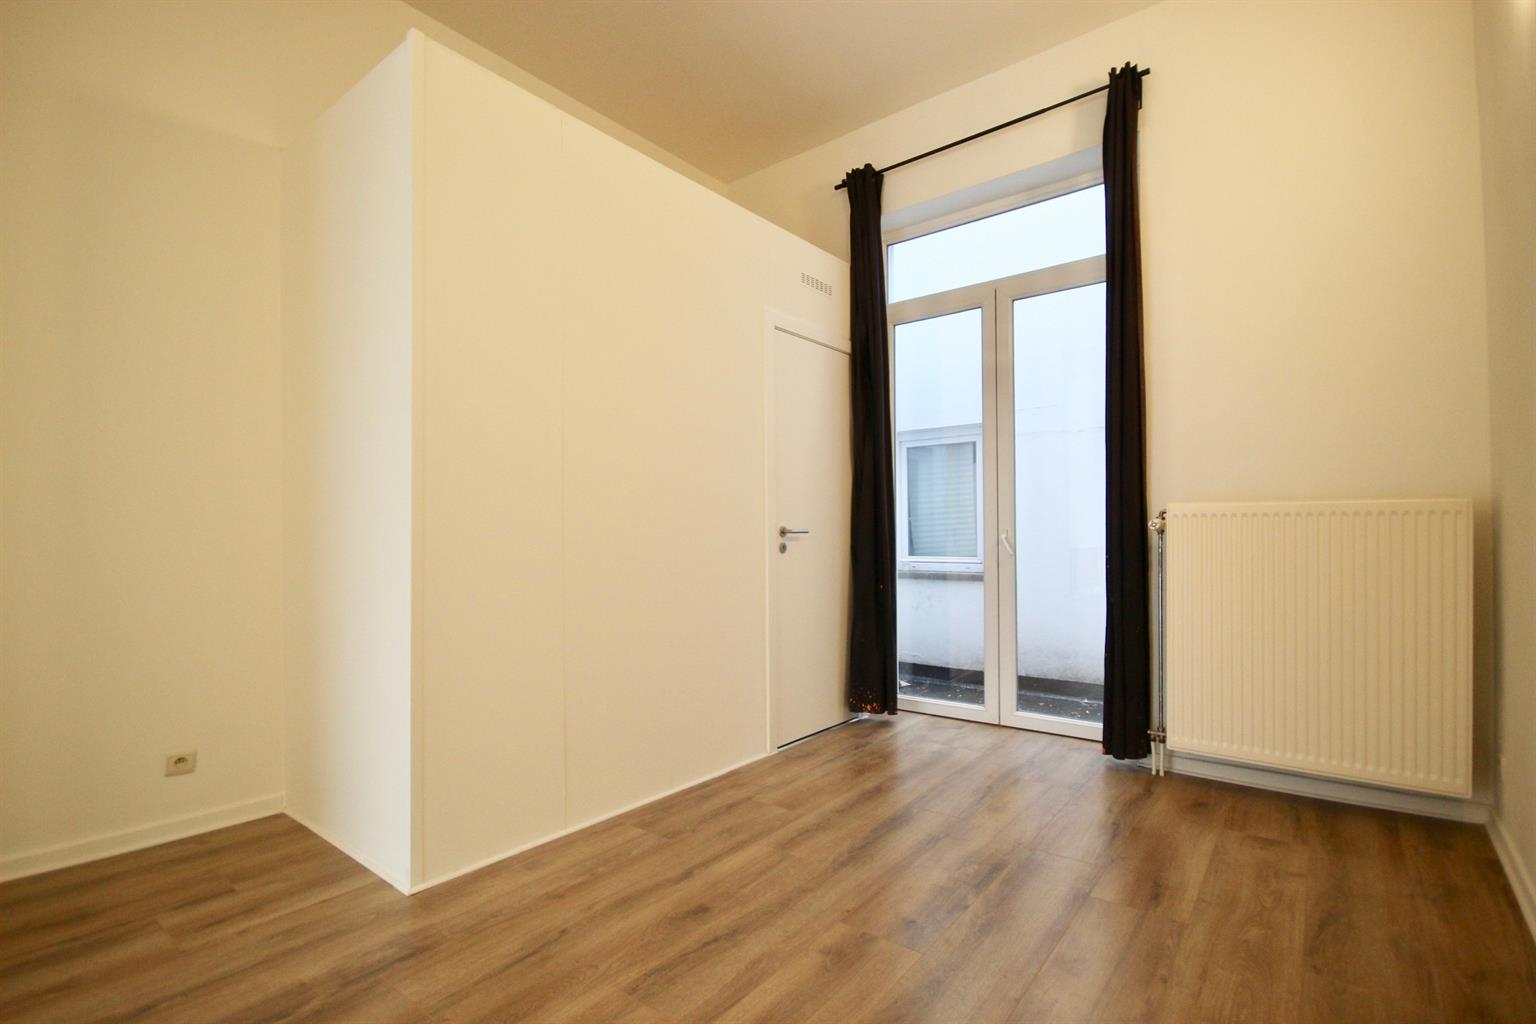 Appartement - Berchem-Sainte-Agathe - #4311497-2